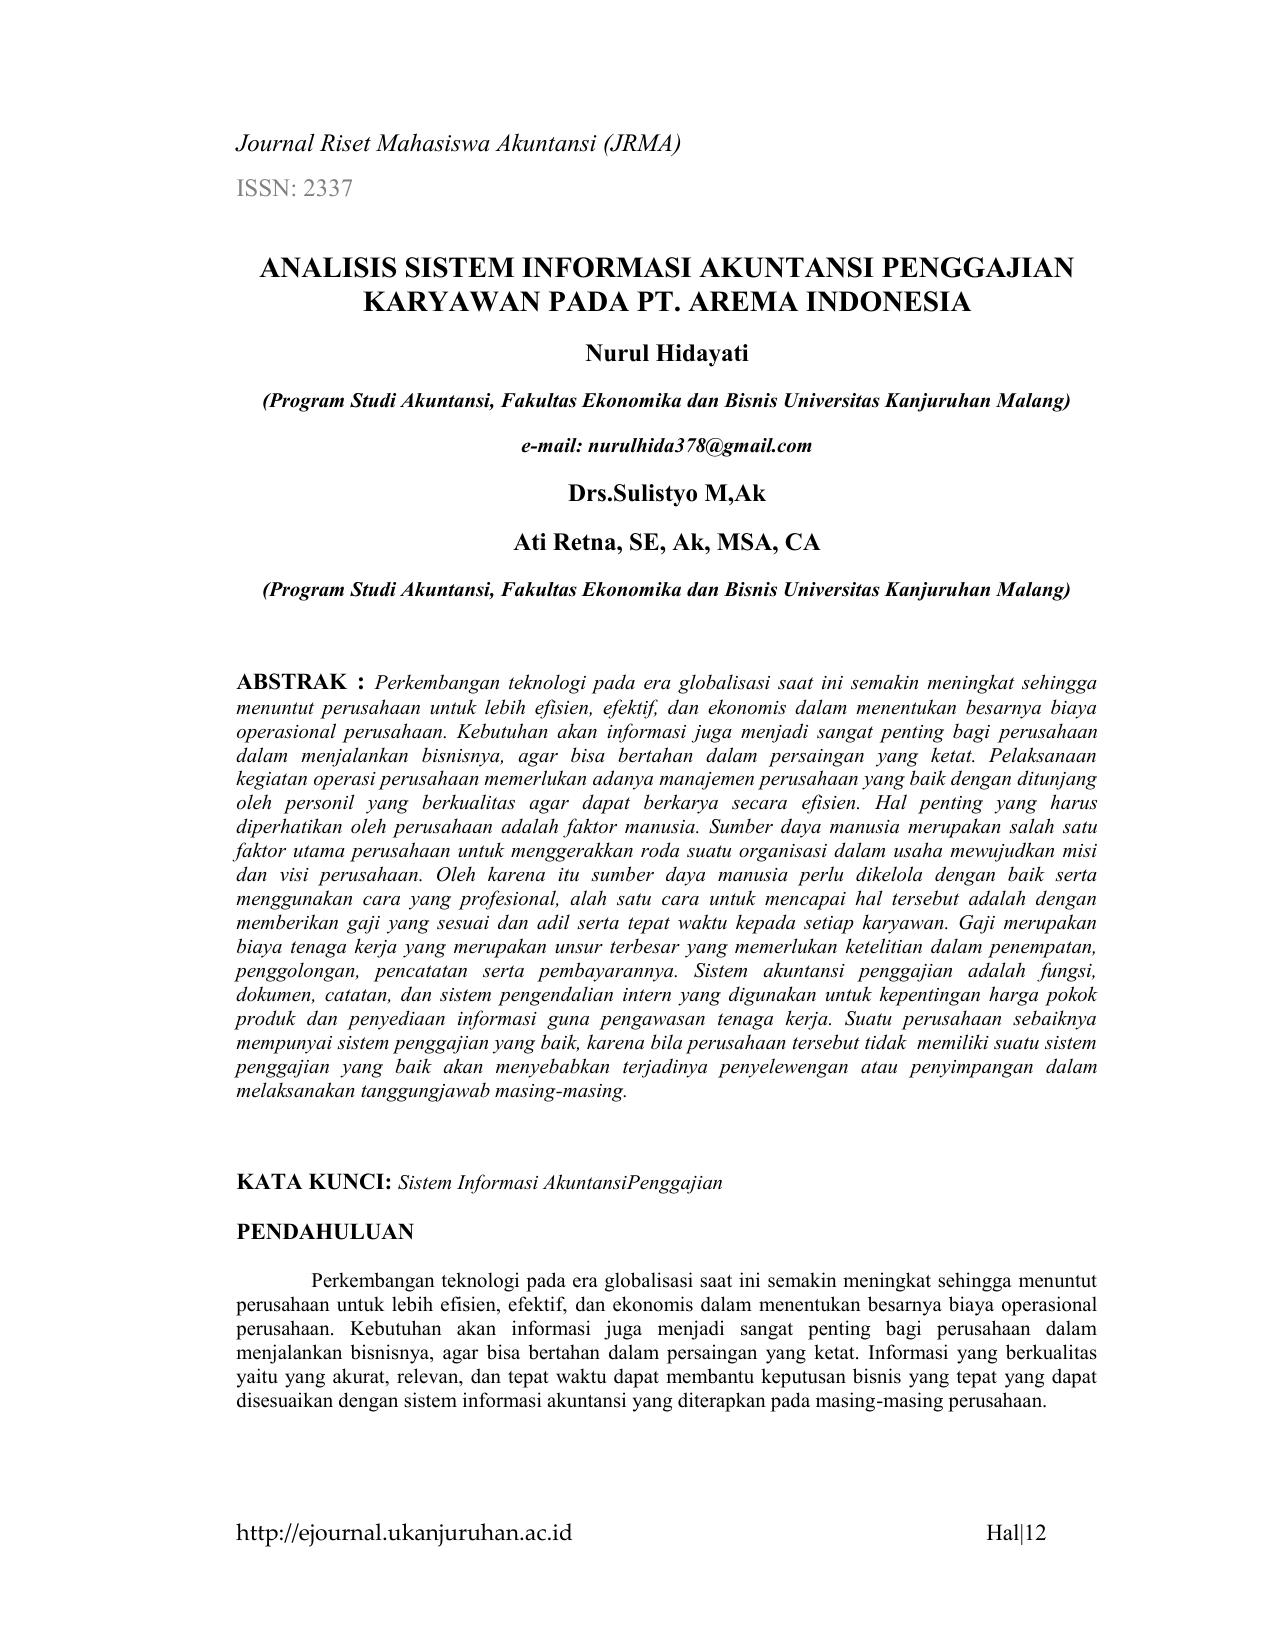 Analisis Sistem Informasi Akuntansi Penggajian